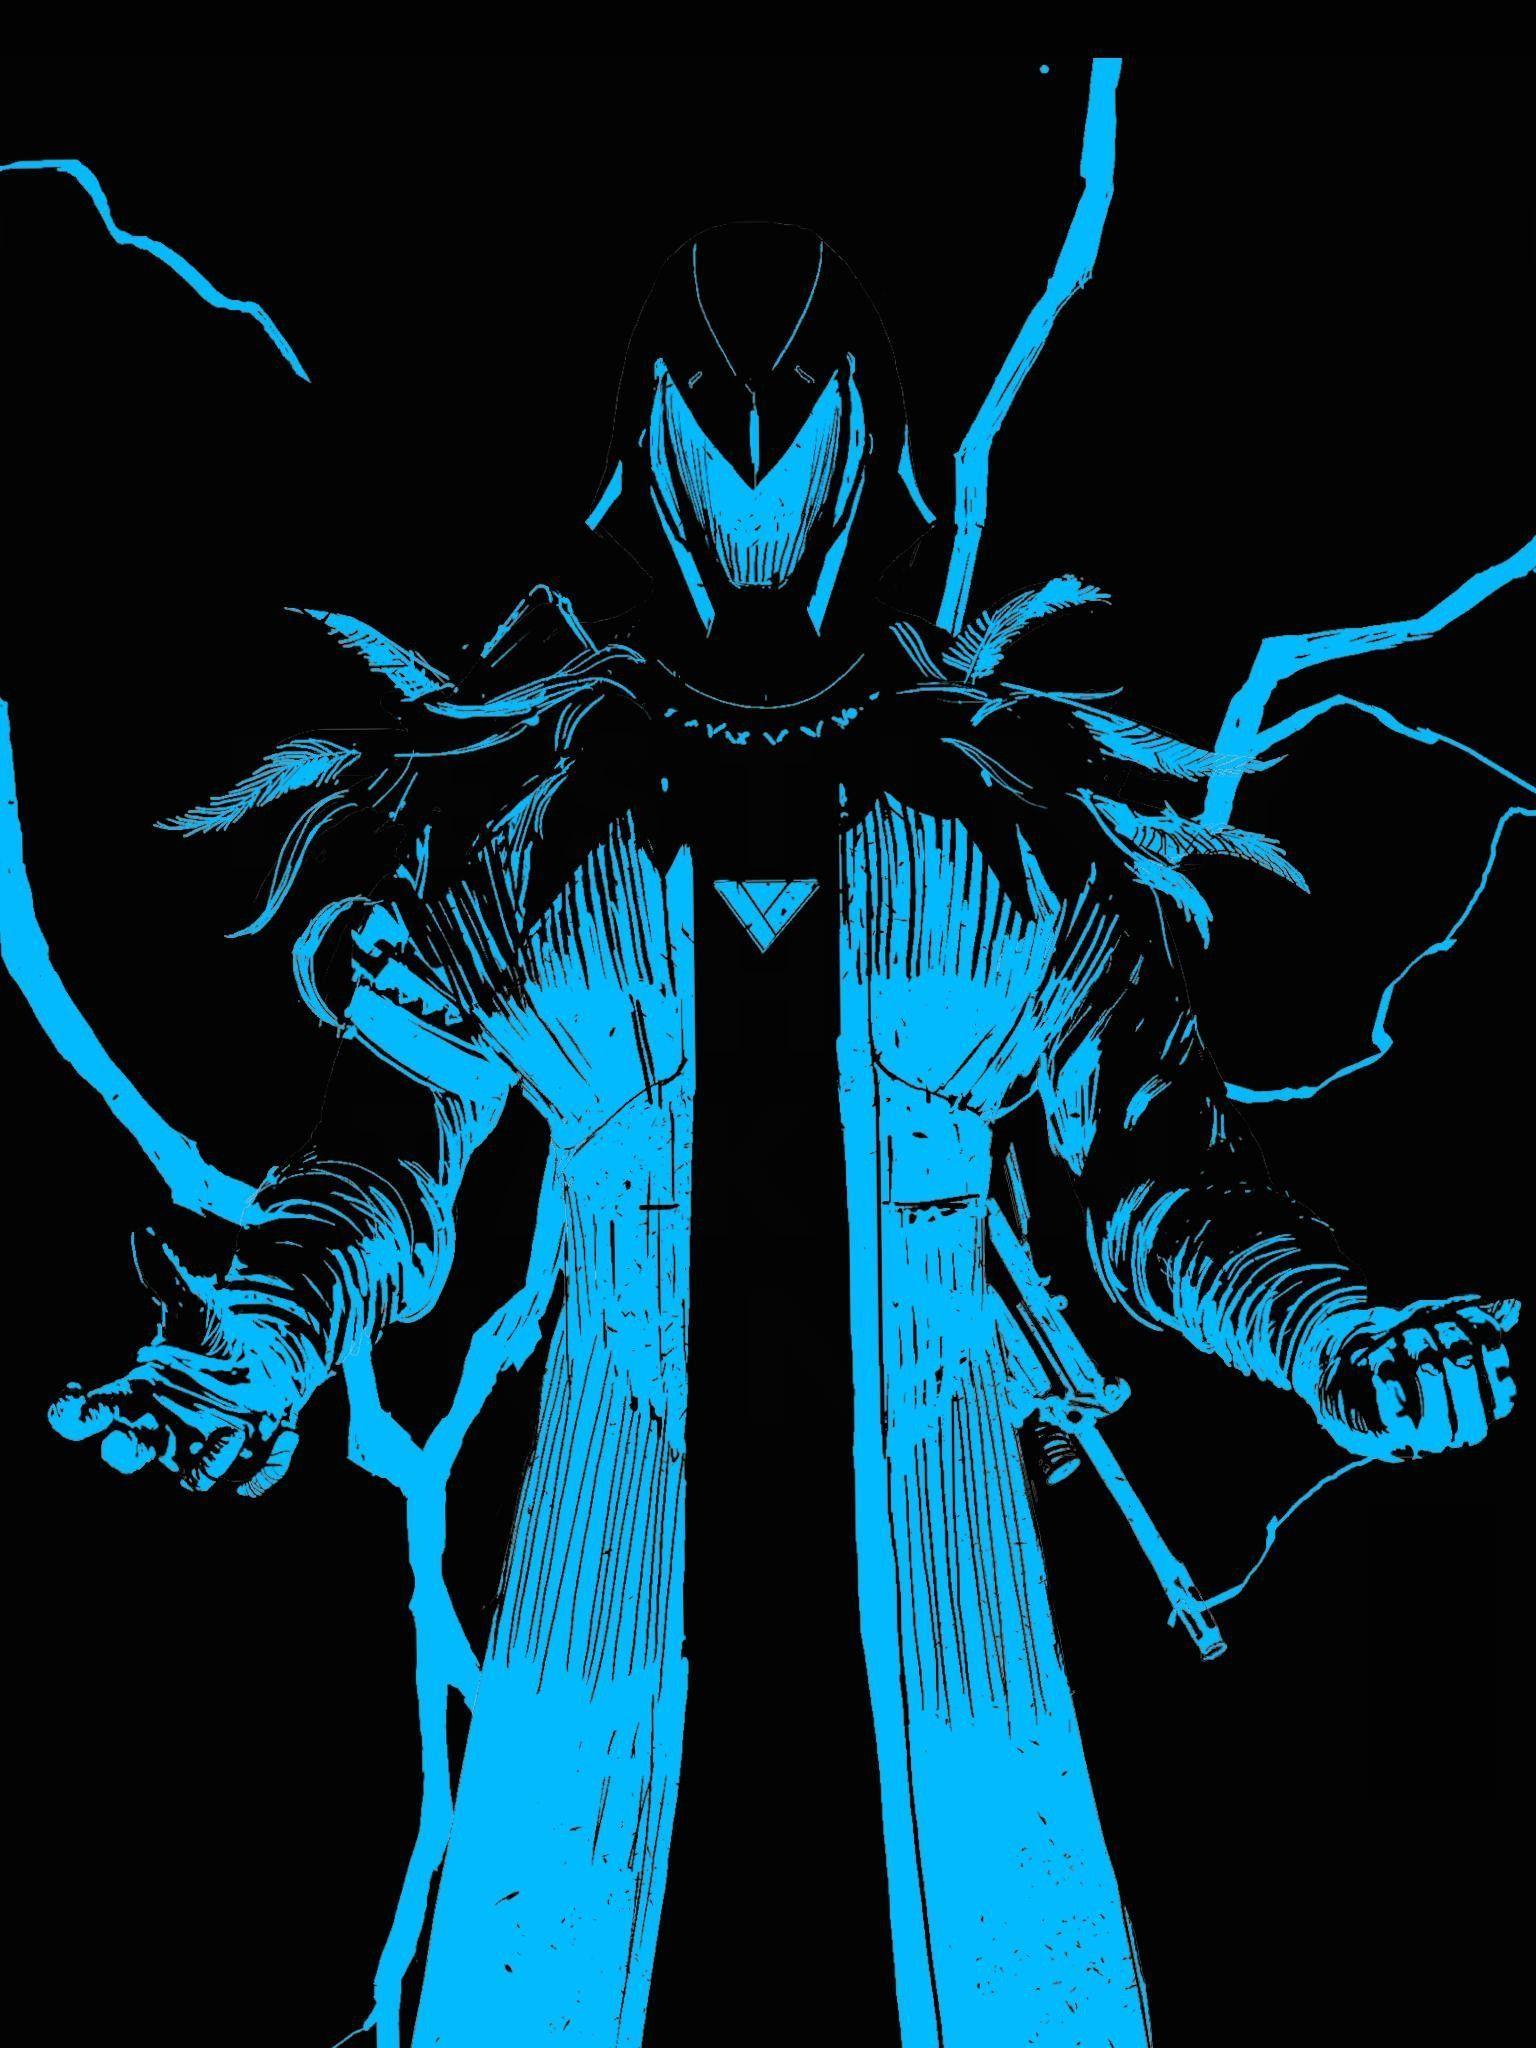 Warlock stormcaller destiny 4k wallpapers top free warlock stormcaller destiny 4k backgrounds - Warlock stormcaller ...